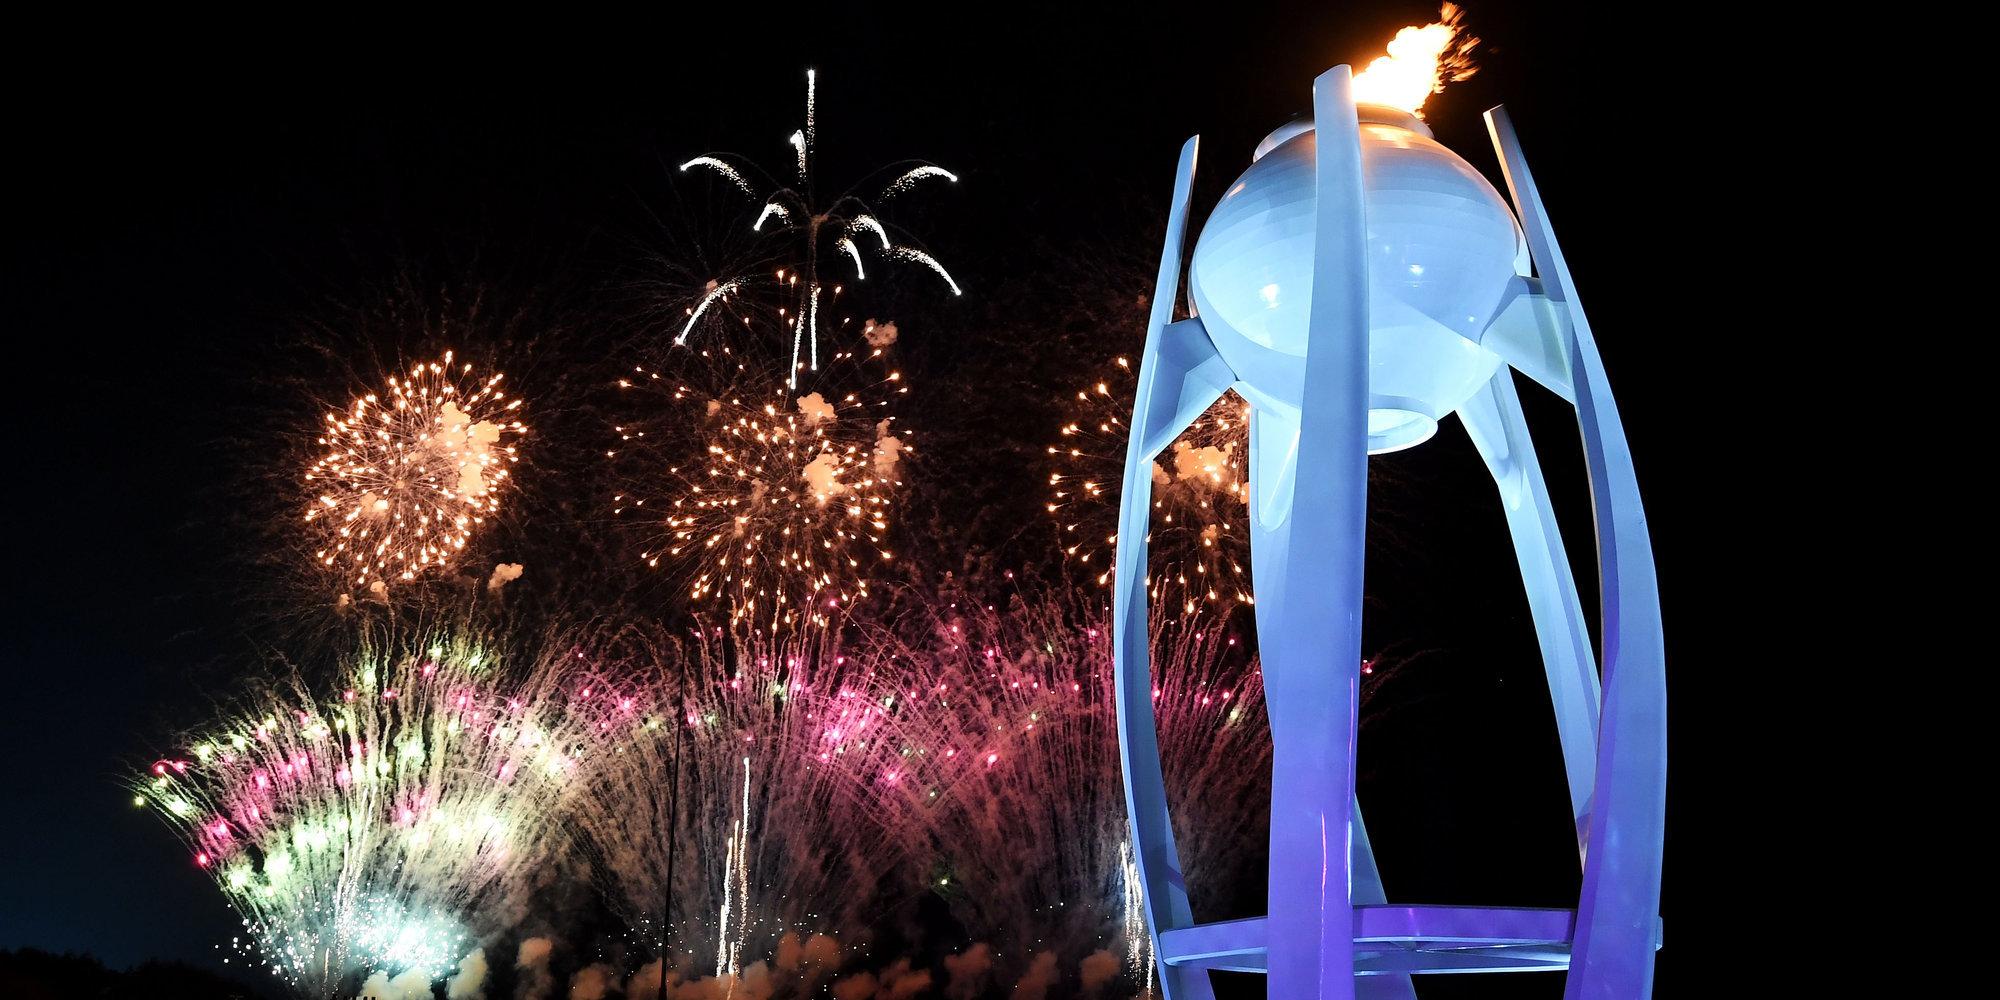 олимпийские игры в пхенчхане